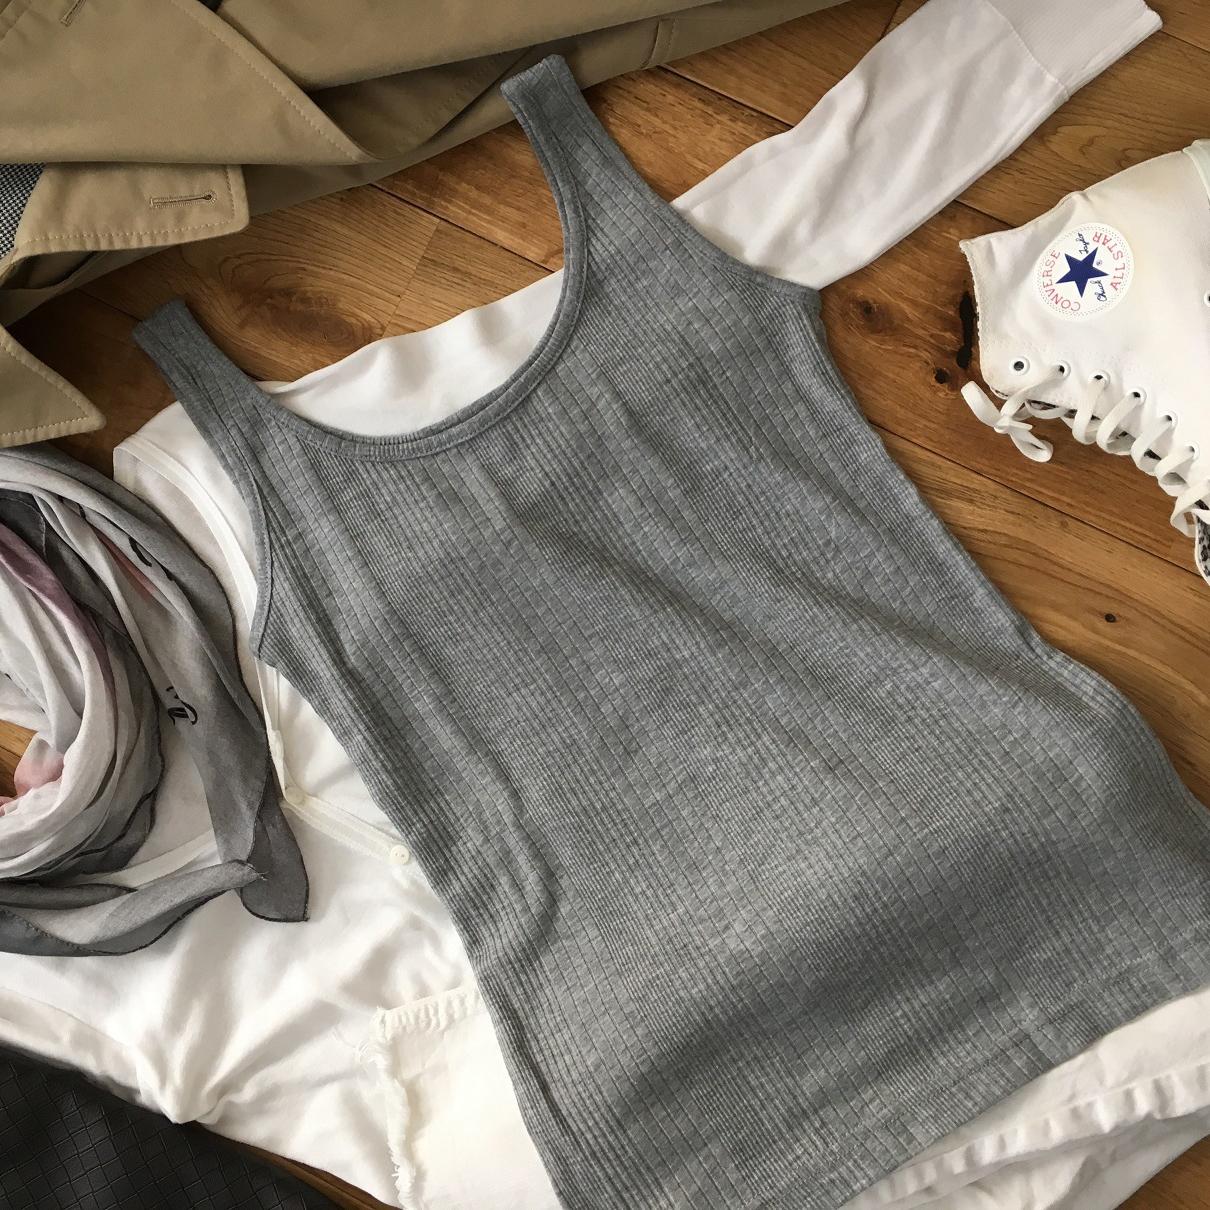 リアルレポート!Marisol4月号付録「セオリー リュクス リブタンクトップ」を美女組さんはこう着る!【マリソル美女組ブログPICK UP】_1_1-2